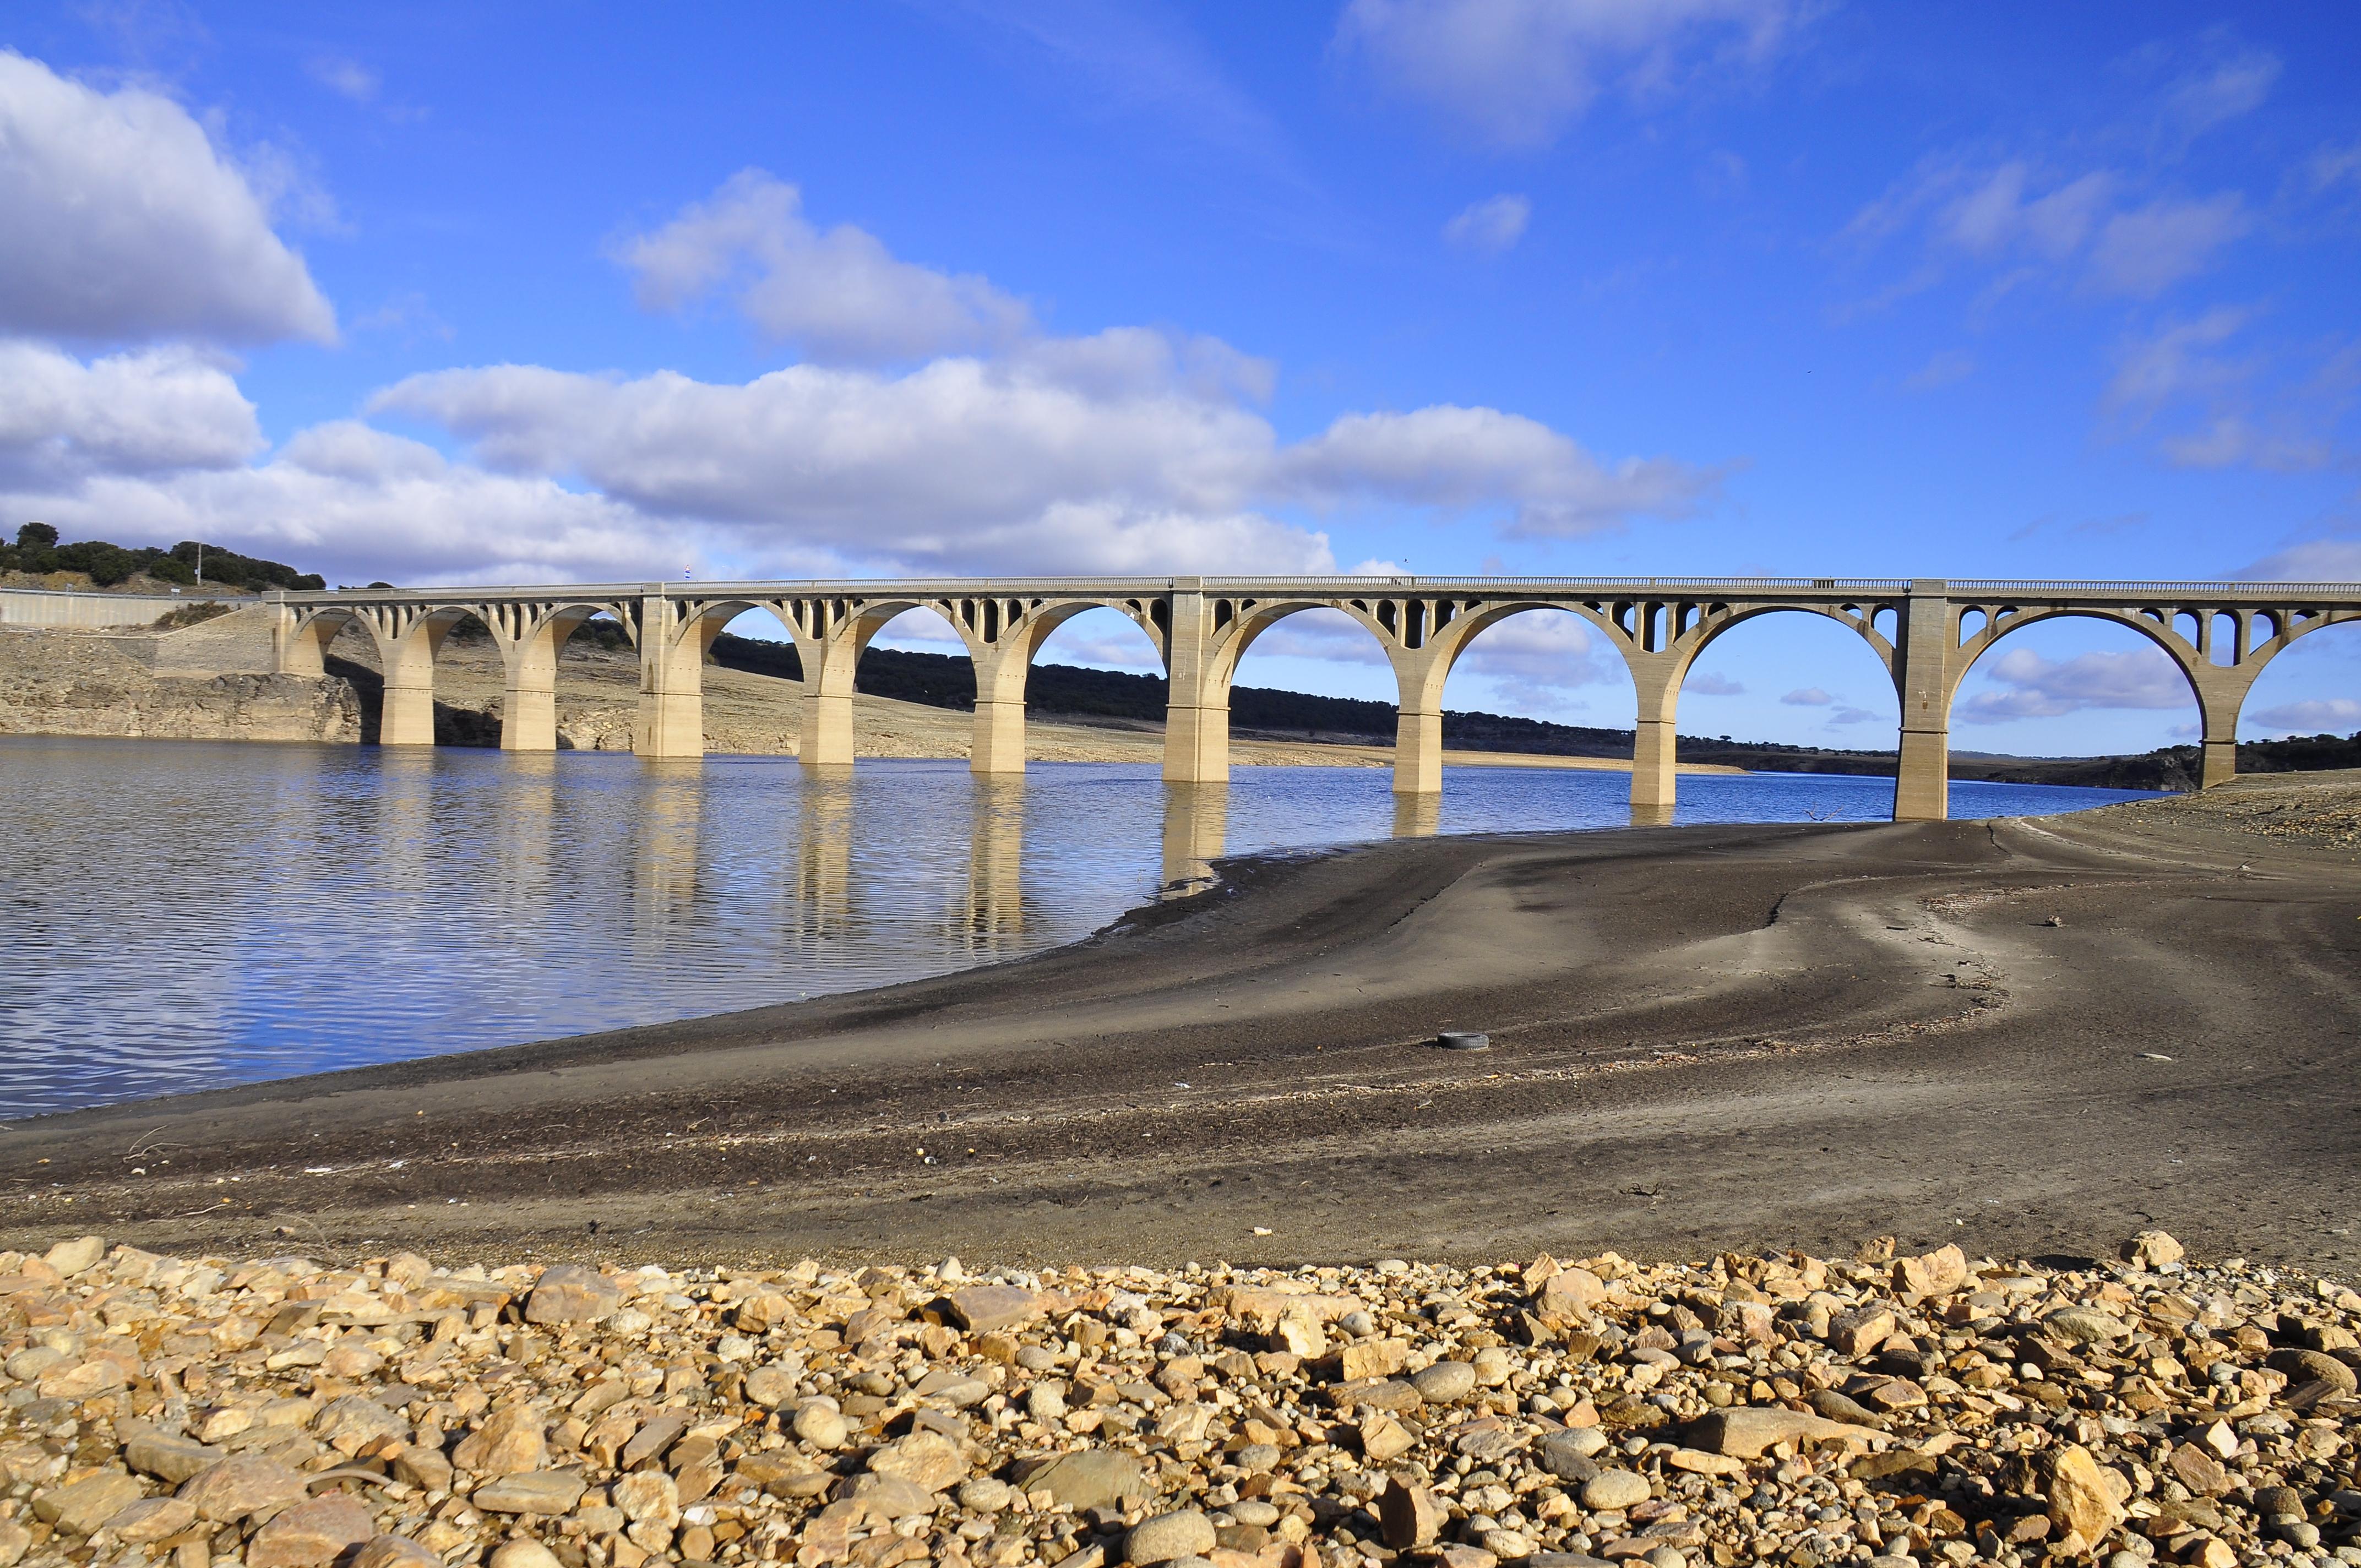 Puente del pantano photo